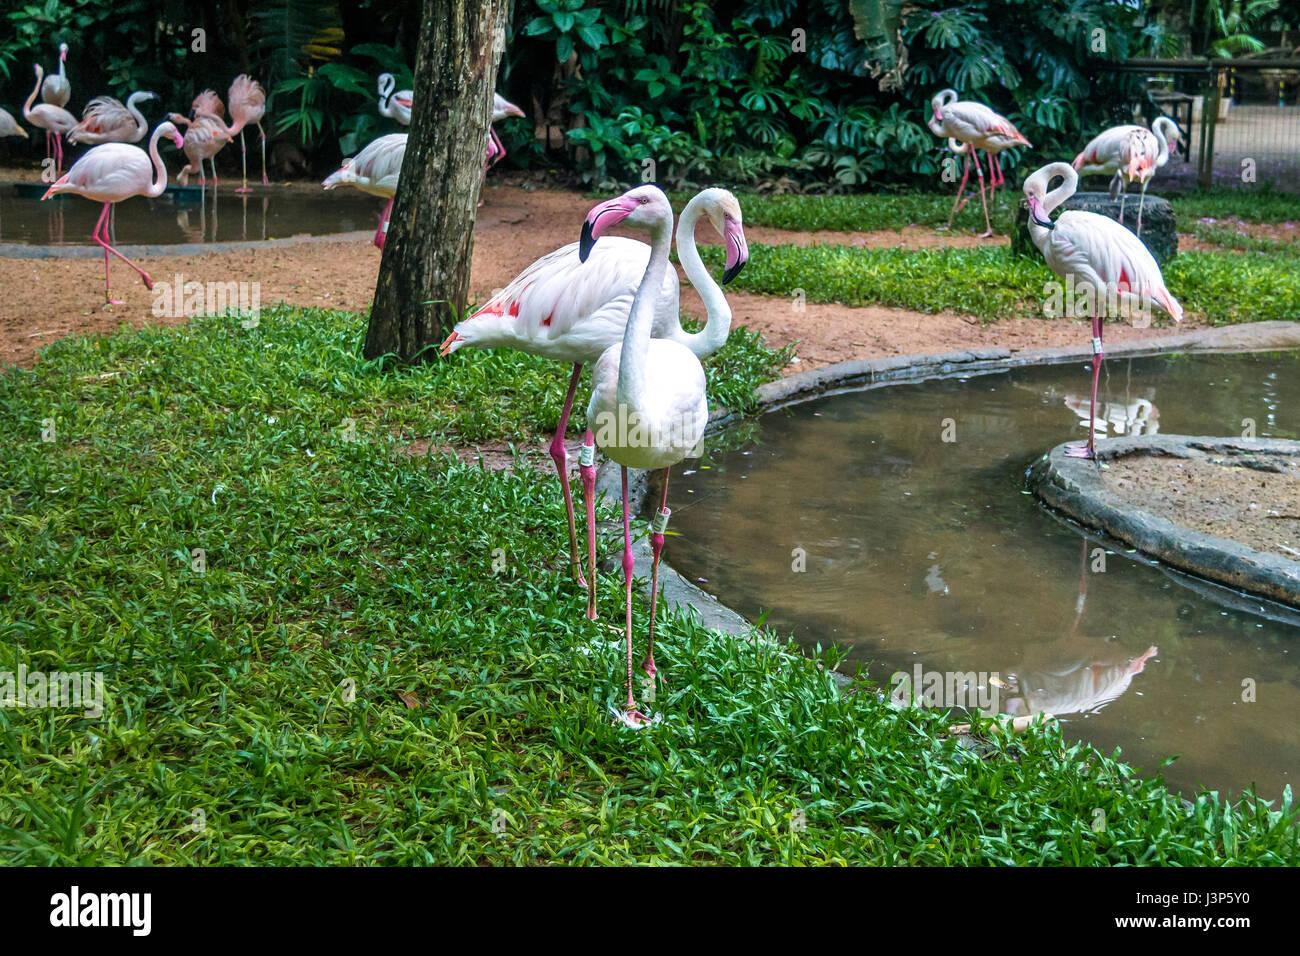 Flamingos at Parque das Aves - Foz do Iguacu, Parana, Brazil - Stock Image